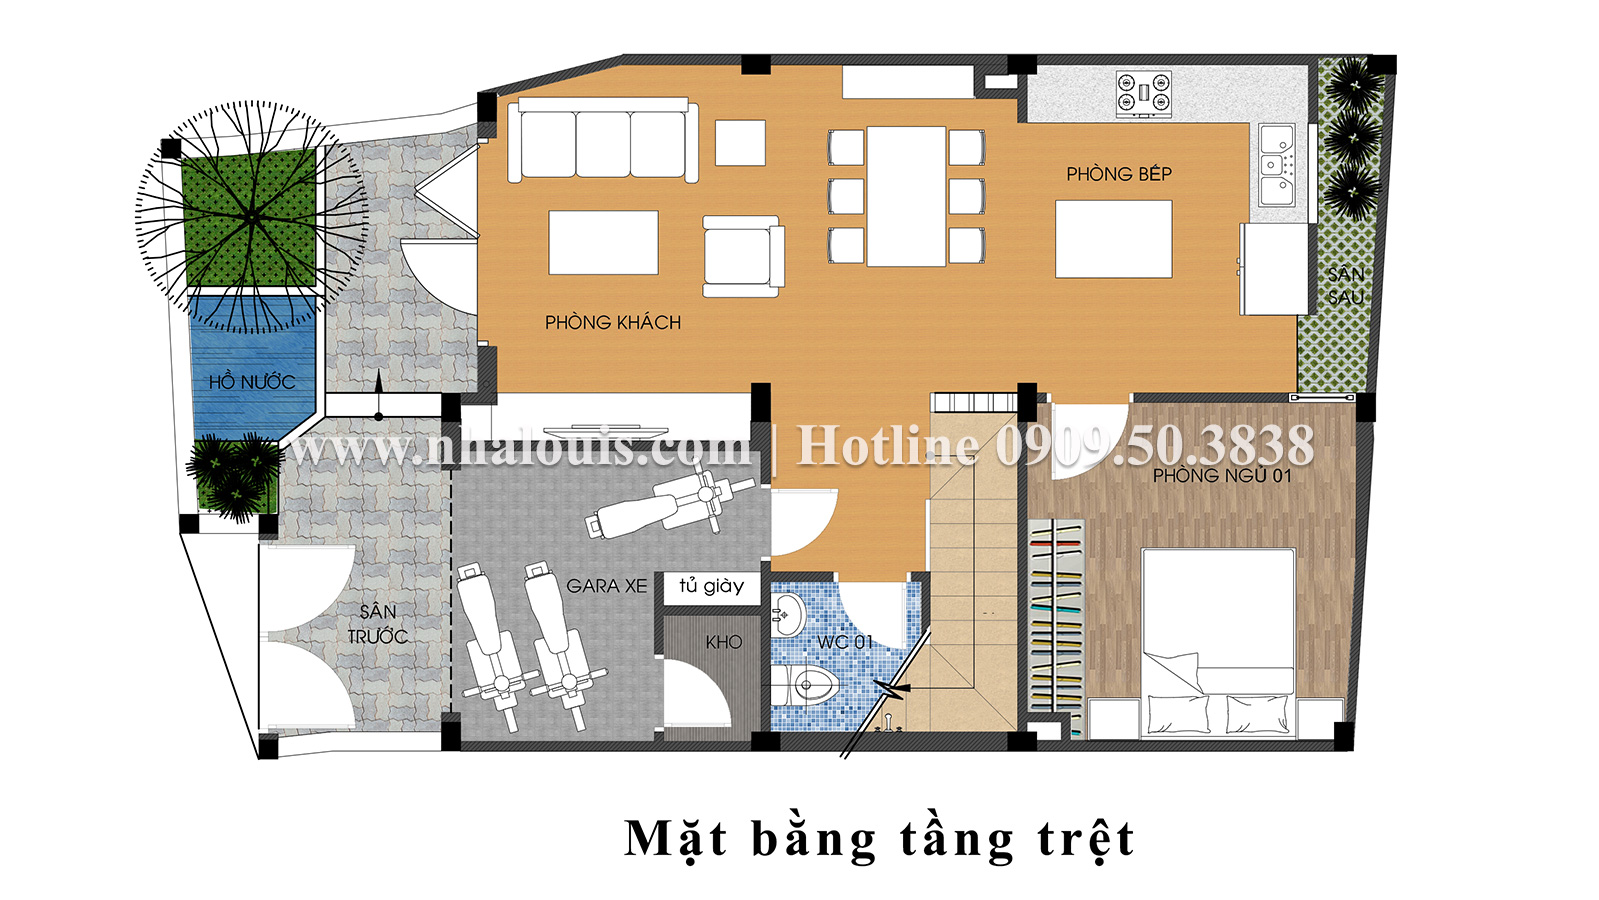 Mặt bằng tầng trệt Thiết kế nhà ống tân cổ điển 4 tầng đầy đủ tiện nghi tại Gò Vấp